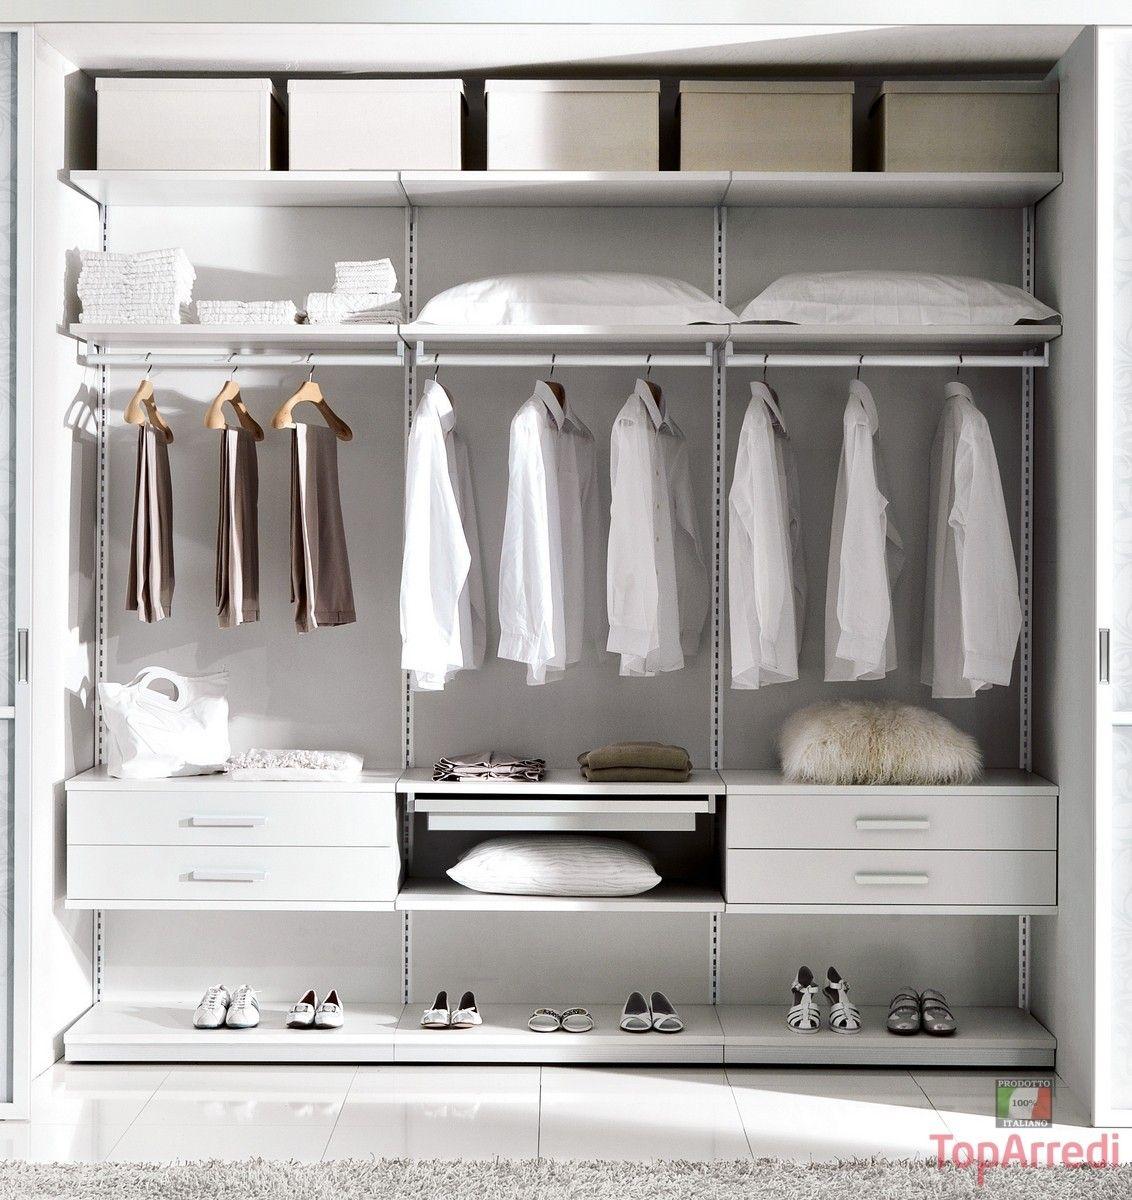 cabine armadio componibili - Cerca con Google   Porte   Pinterest ...